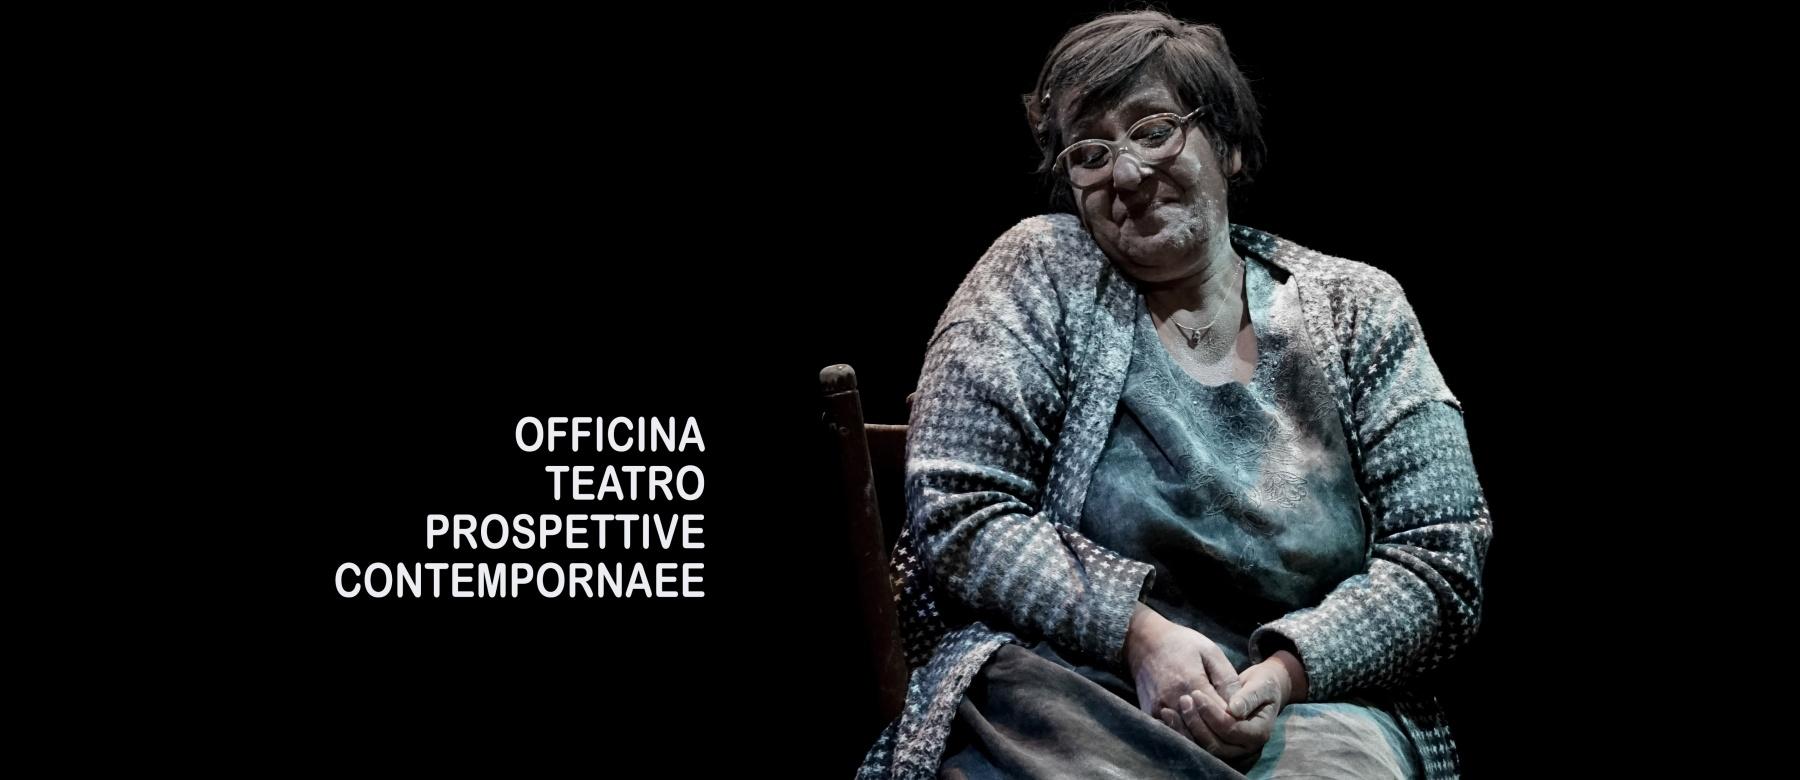 Risultati immagini per Officina Teatro presenta la stagione 2018-19 CASERTA